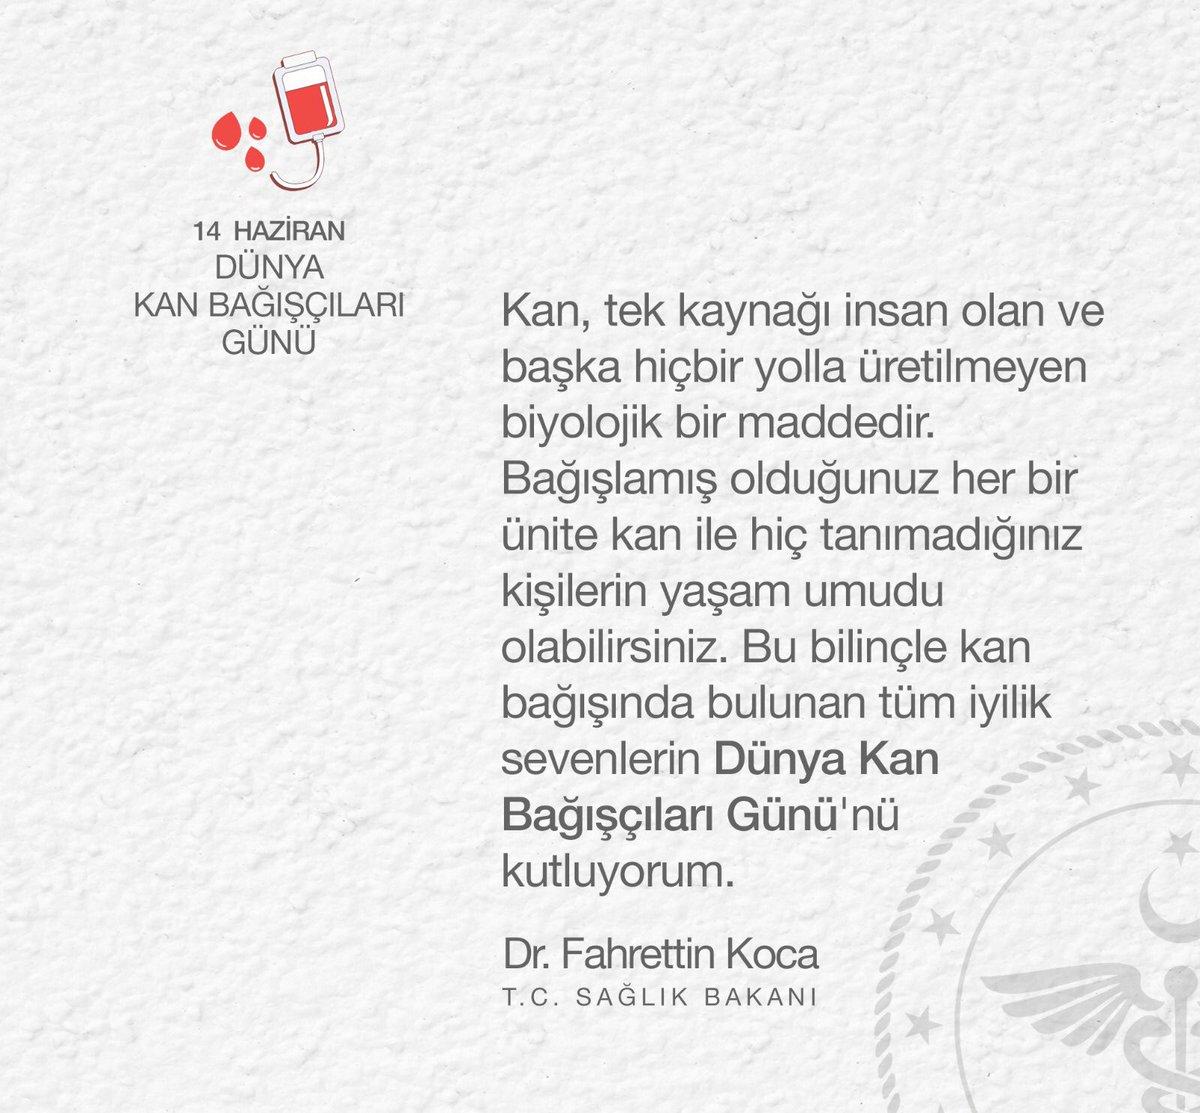 Kan bağışında bulunan tüm iyilik sevenlerin Dünya Kan Bağışçıları Günü'nü kutluyorum. https://t.co/LQ1MTAYaDq